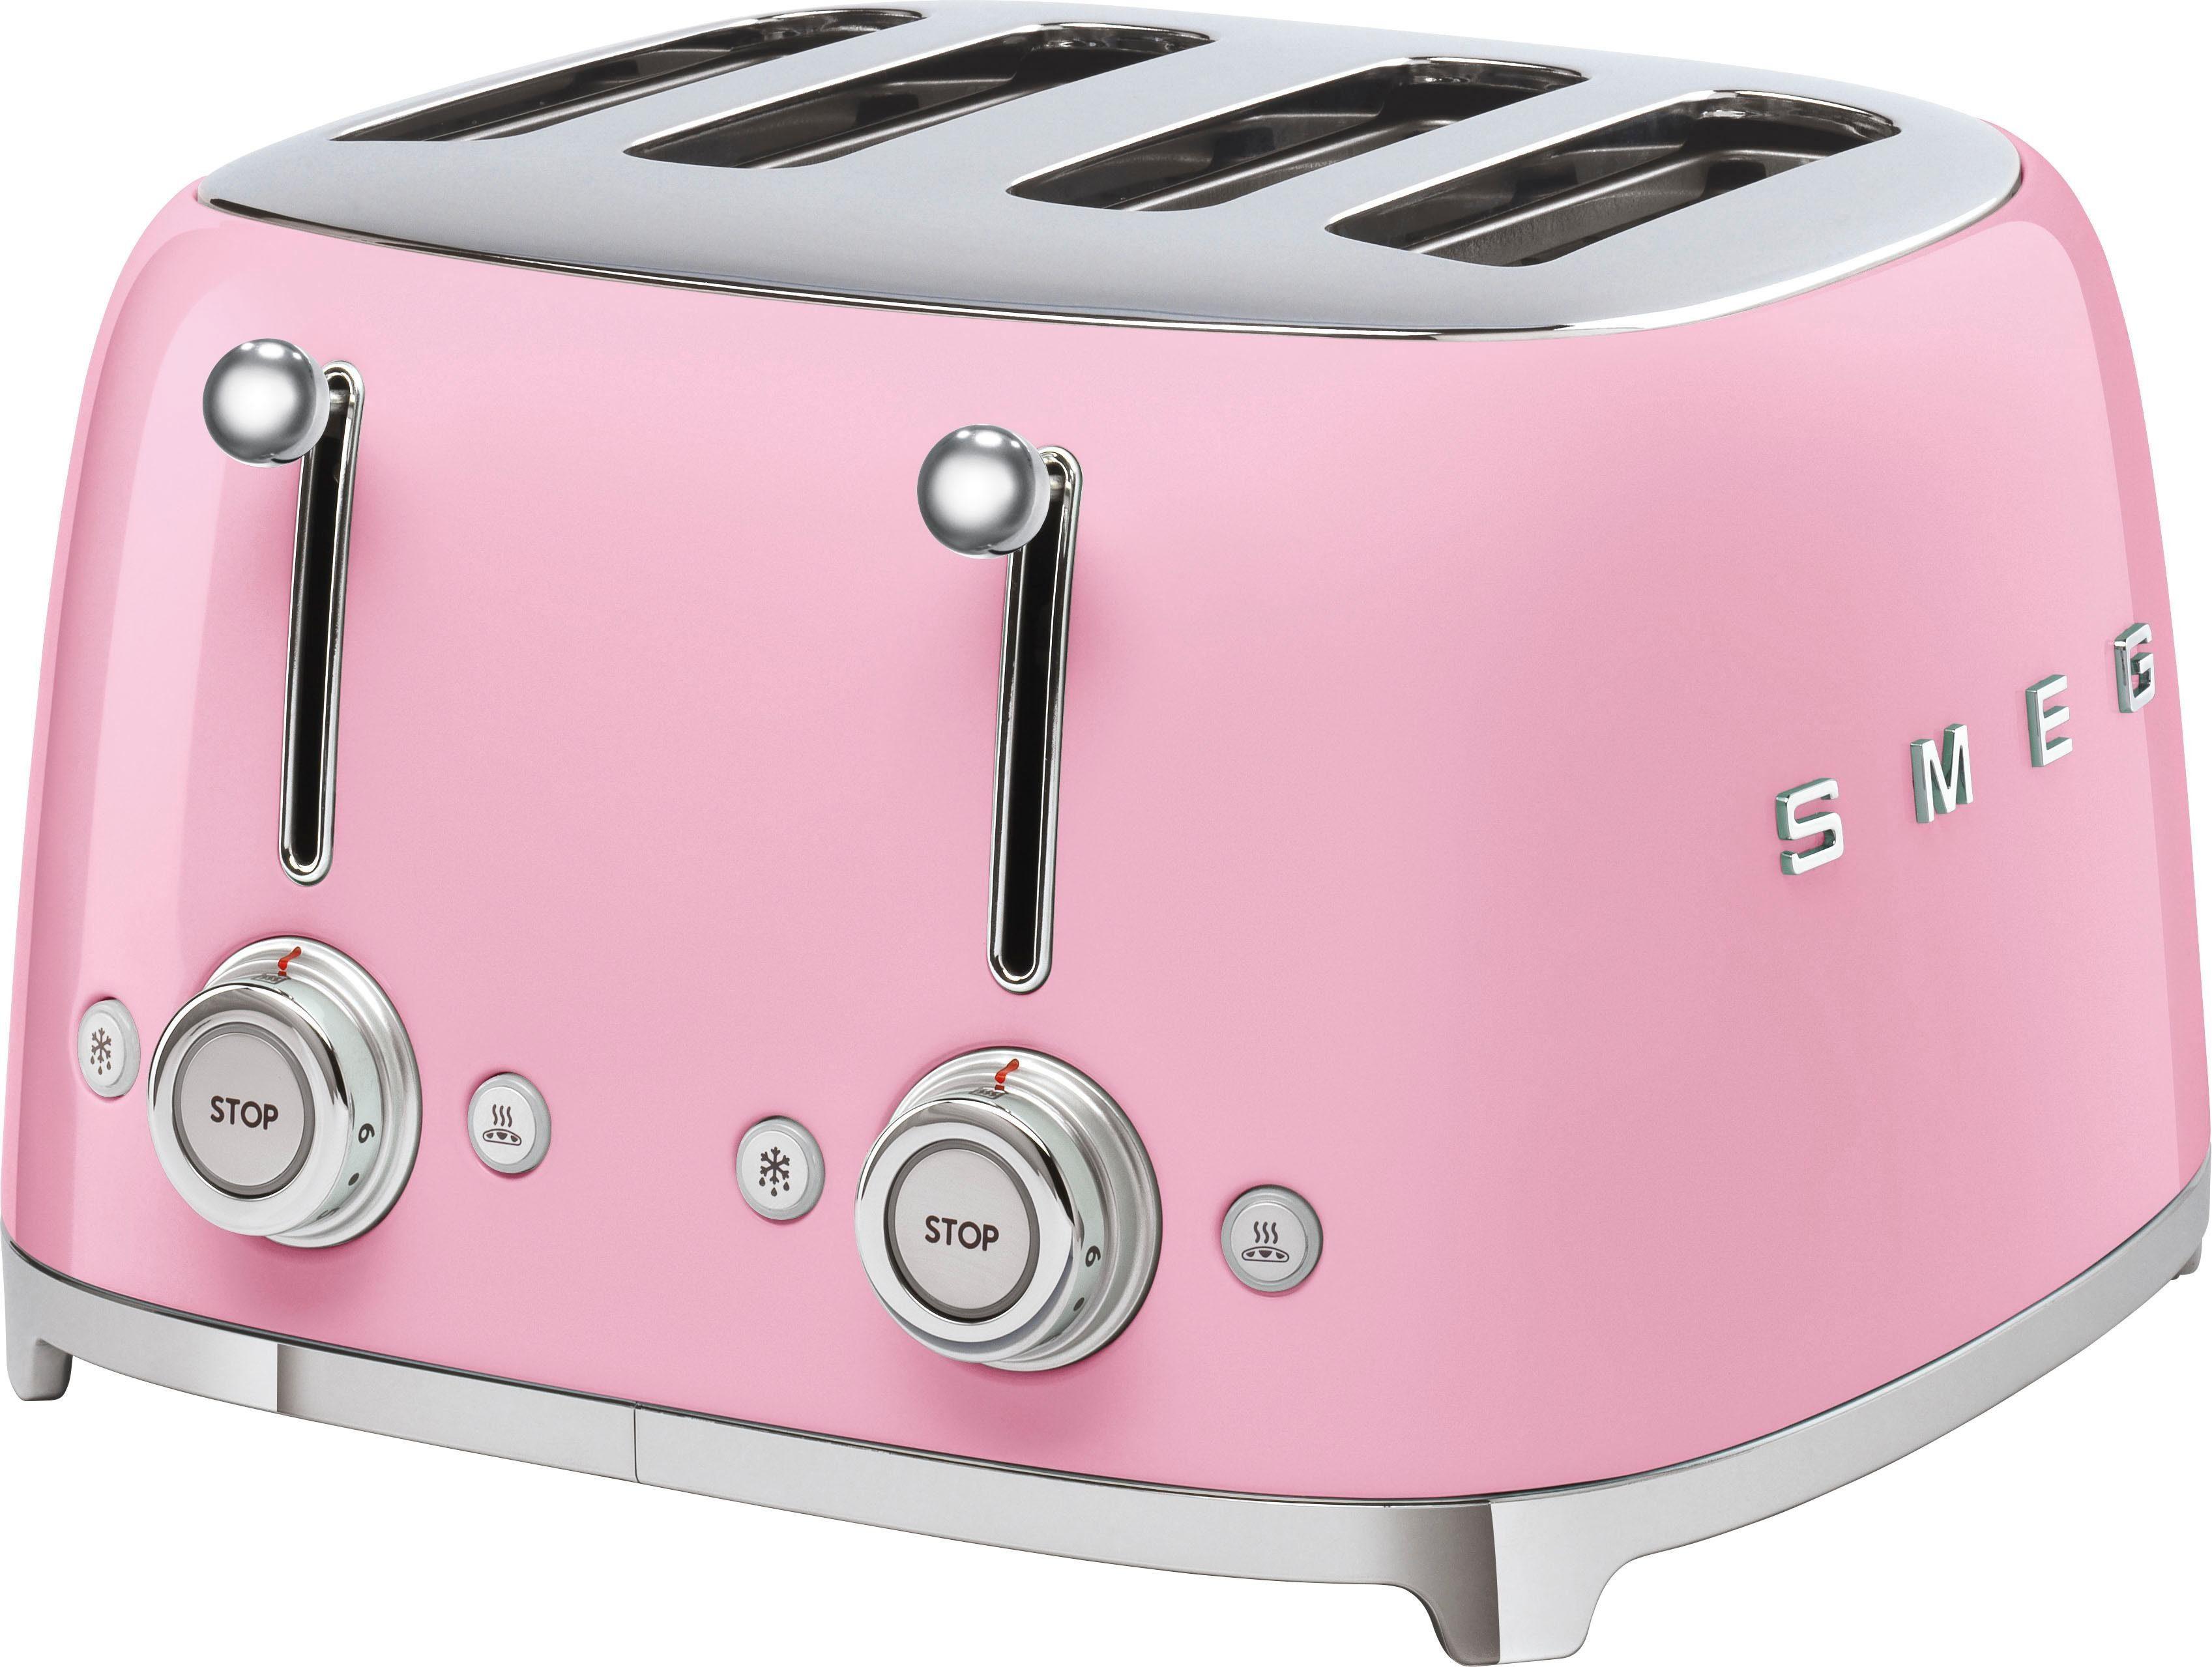 Smeg Kühlschrank Otto : Smeg toaster tsf pkeu kurze schlitze w otto